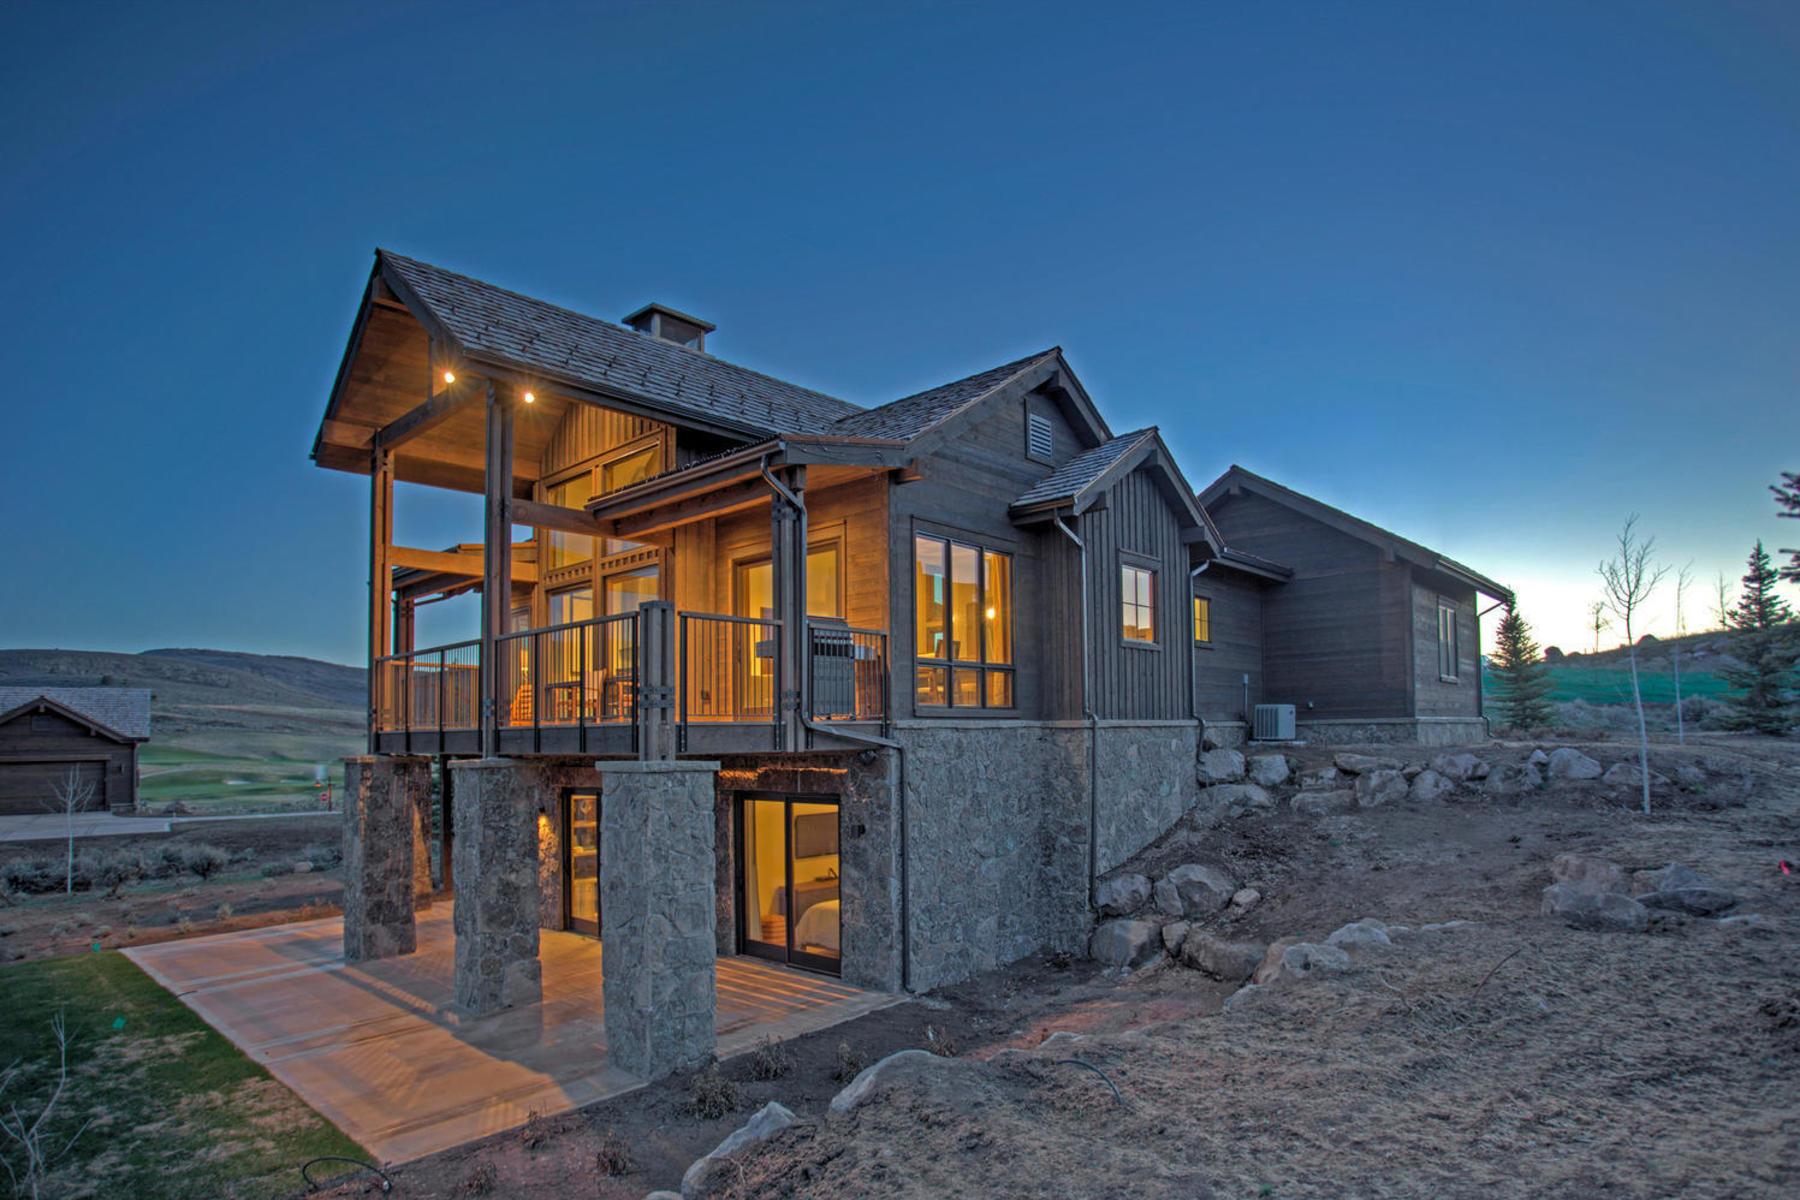 一戸建て のために 売買 アット Expanded Willow Cabin with Spectacular Views 6863 E Falling Star Cir Lot 265, Heber City, ユタ, 84032 アメリカ合衆国